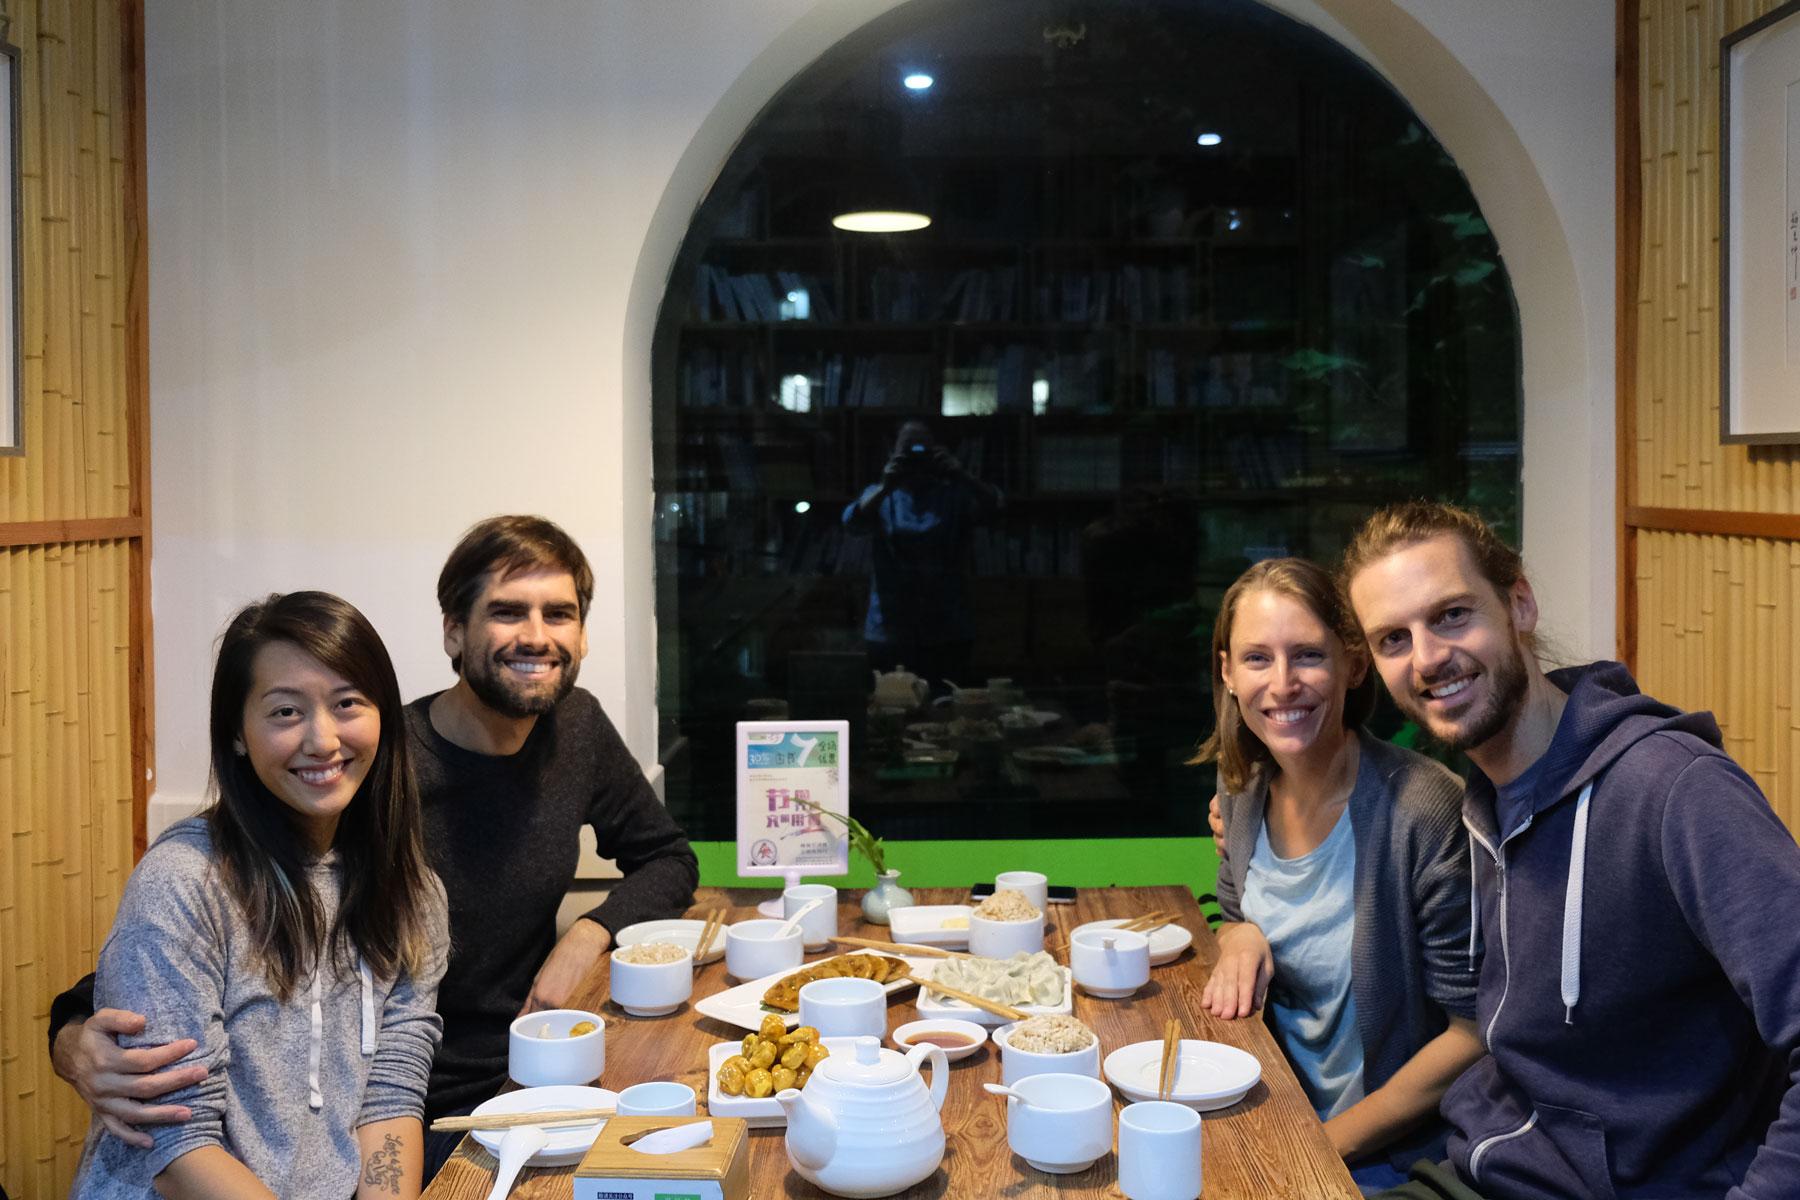 Leo und Sebastian mit ihren Couchsurfing Gastgebern beim Abendessen in Shanghai.